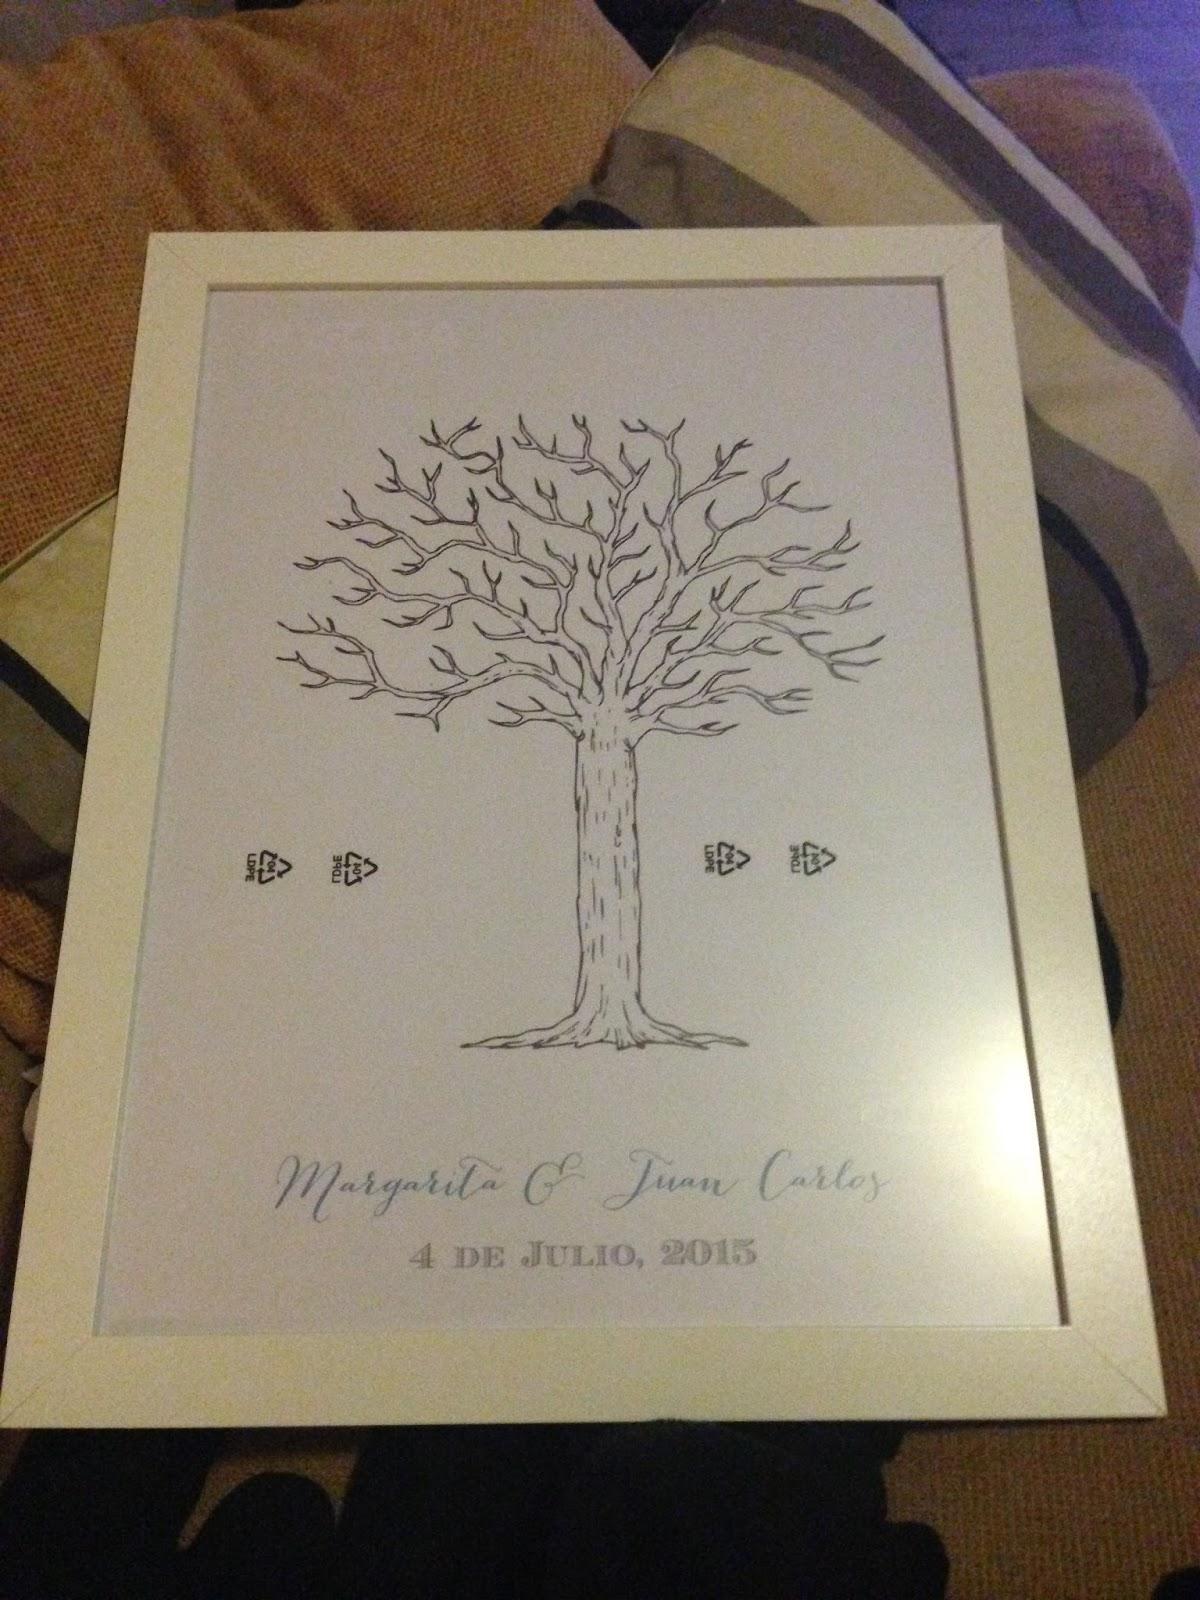 Blog de bodas - Yo dire que si: DIY: Crea tu propio árbol de huellas ...